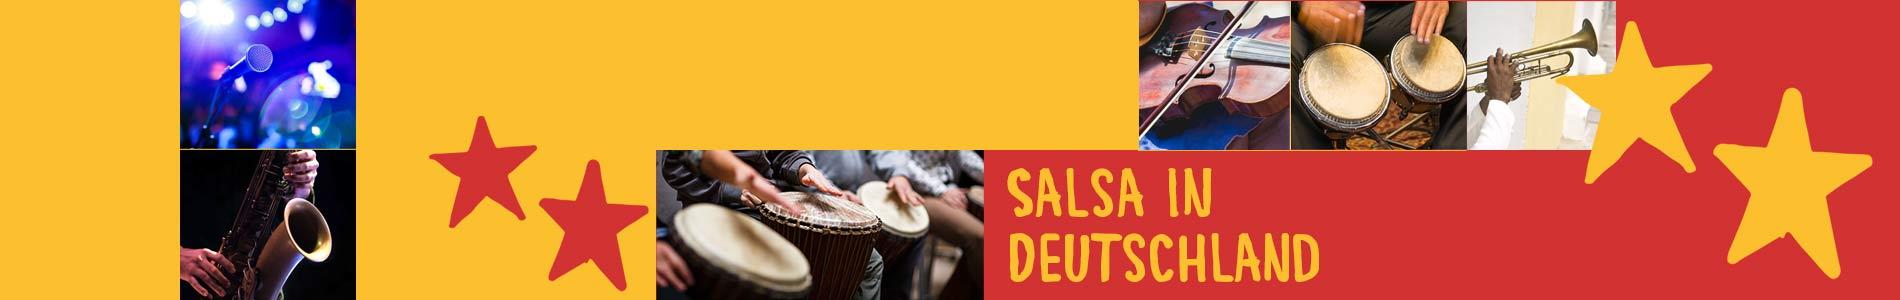 Salsa in Dettenhausen – Salsa lernen und tanzen, Tanzkurse, Partys, Veranstaltungen